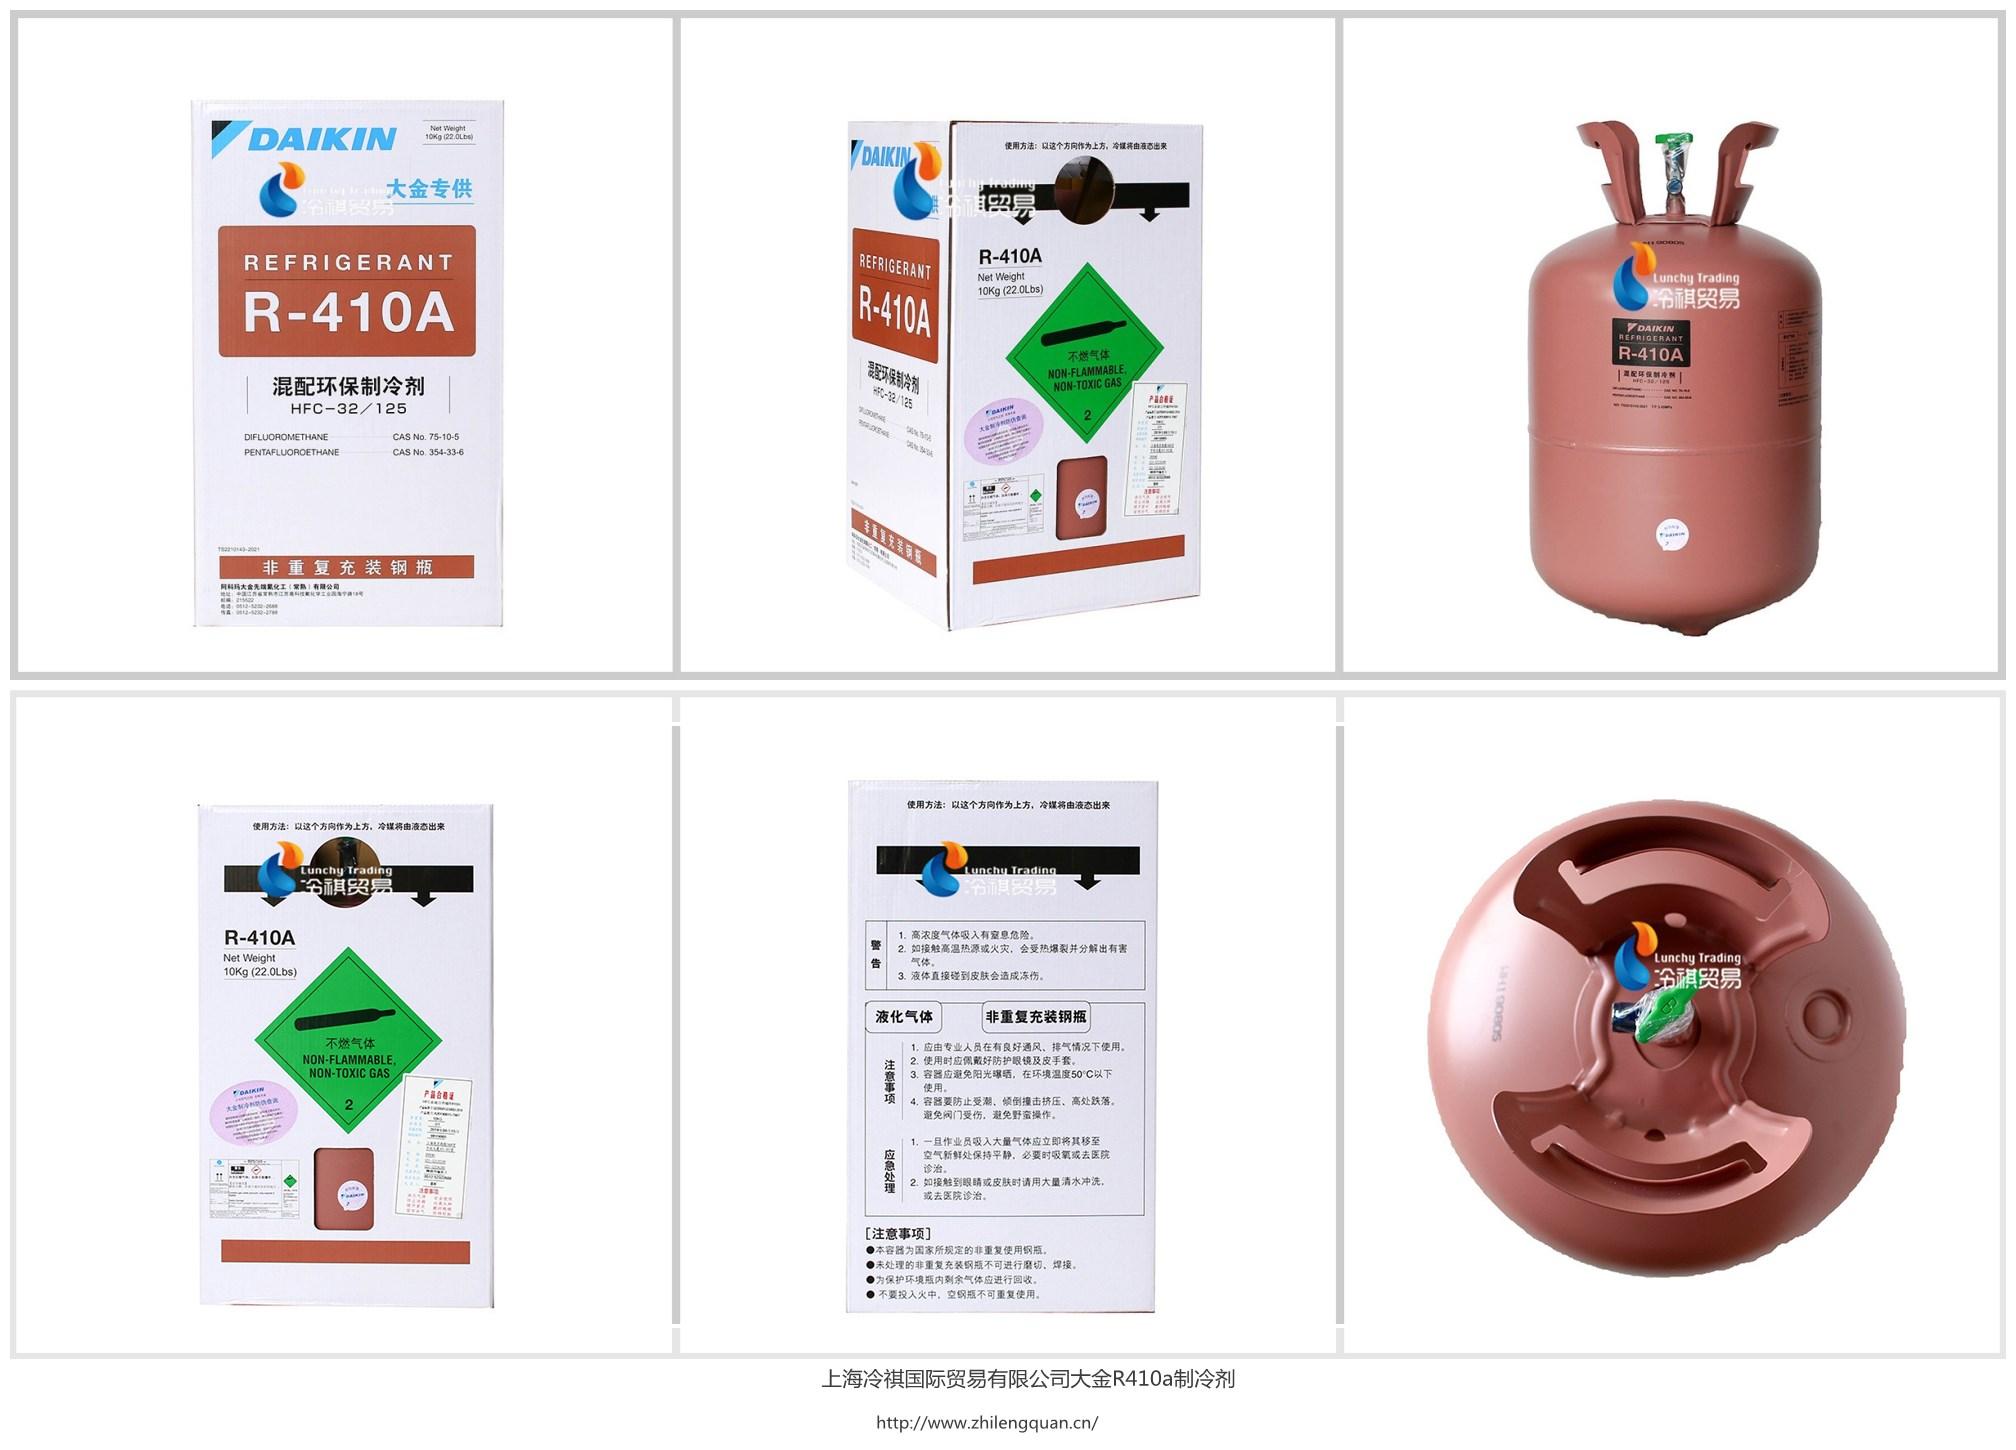 大金R410a制冷剂图片